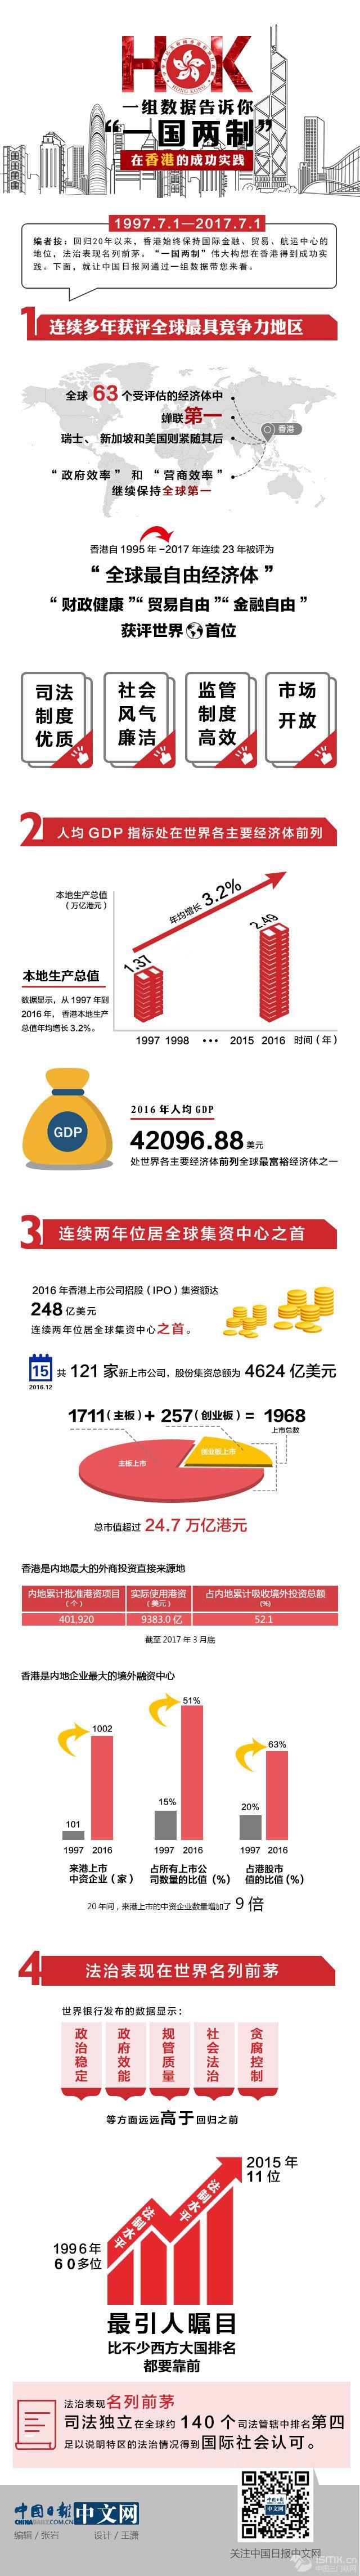 """一组数据告诉你,""""一国两制""""在香港成功实践"""